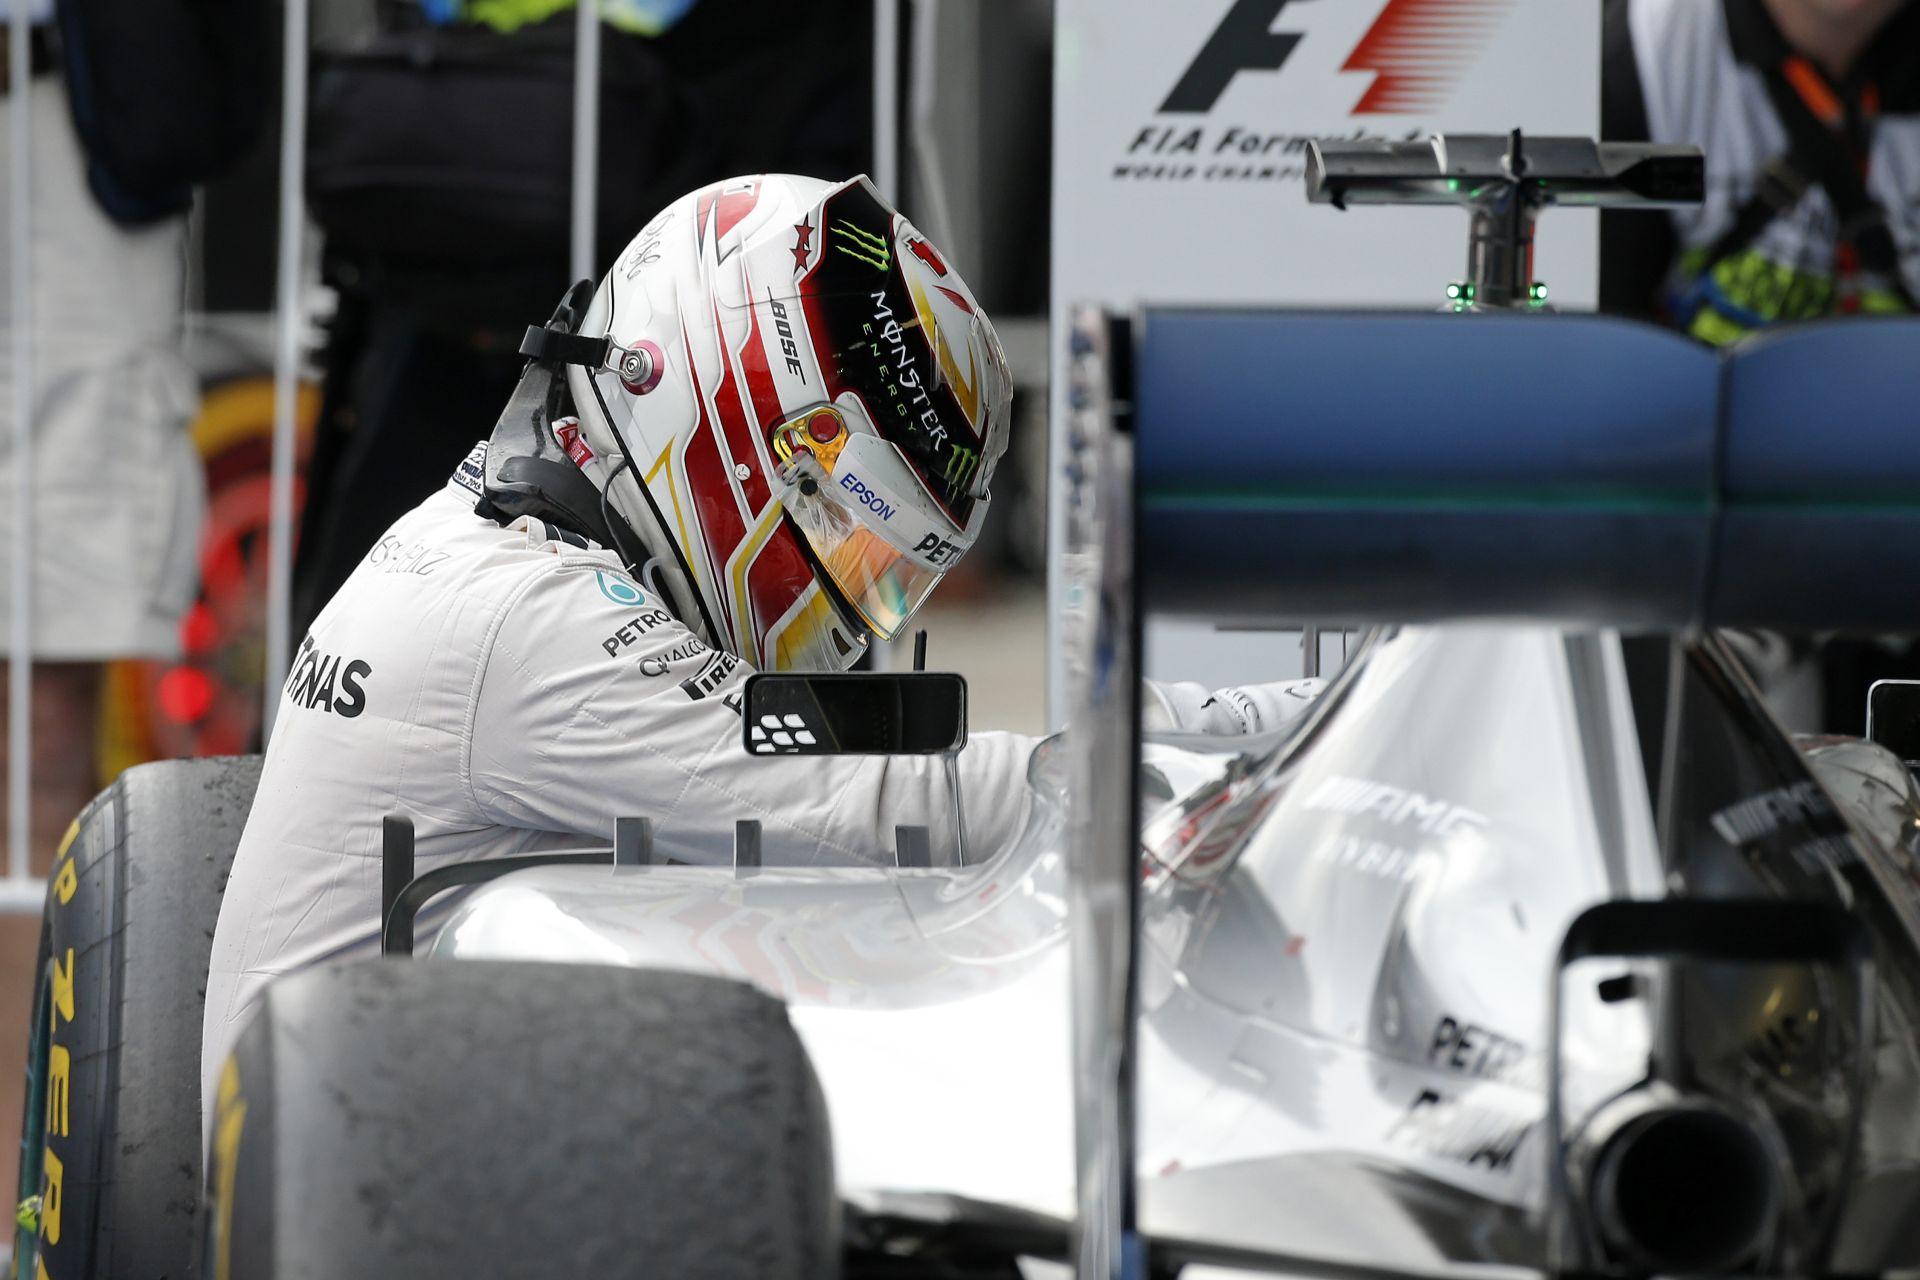 Hamilton 2012-ben még el sem tudta képzelni, hogy a Mercedes zsinórban több címet is nyerhet a Forma-1-ben!